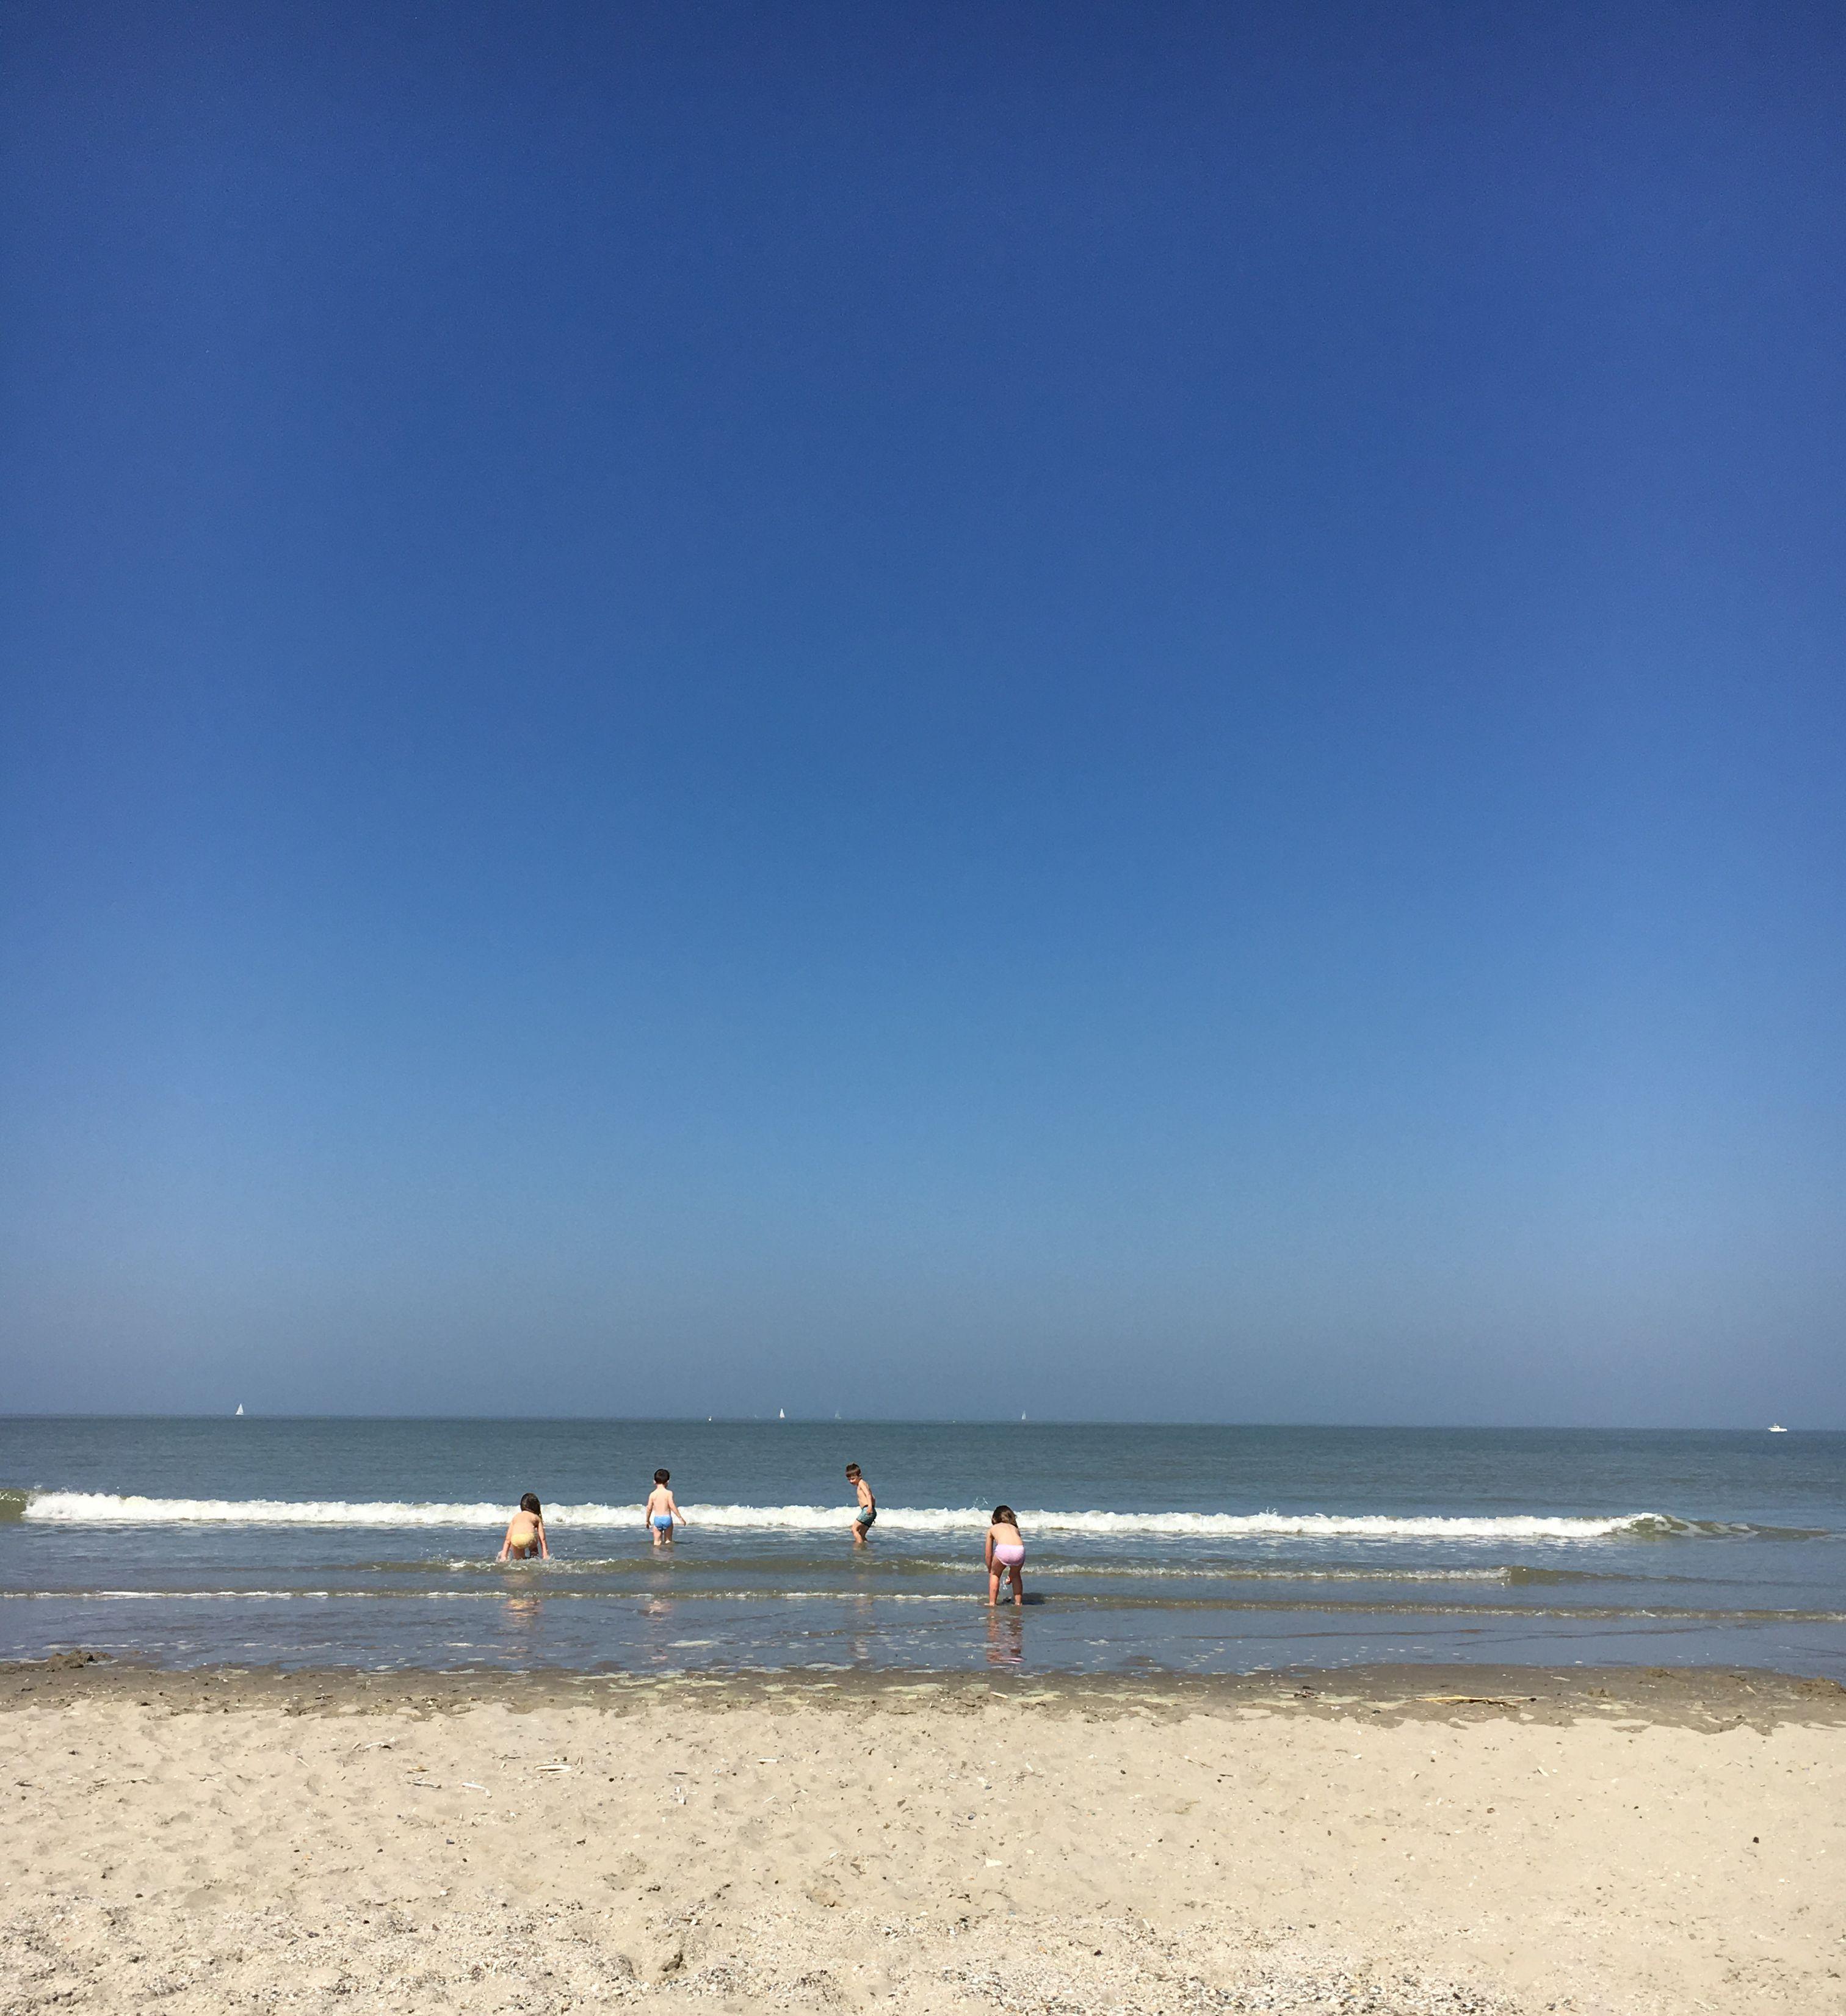 zee, vakantiepret